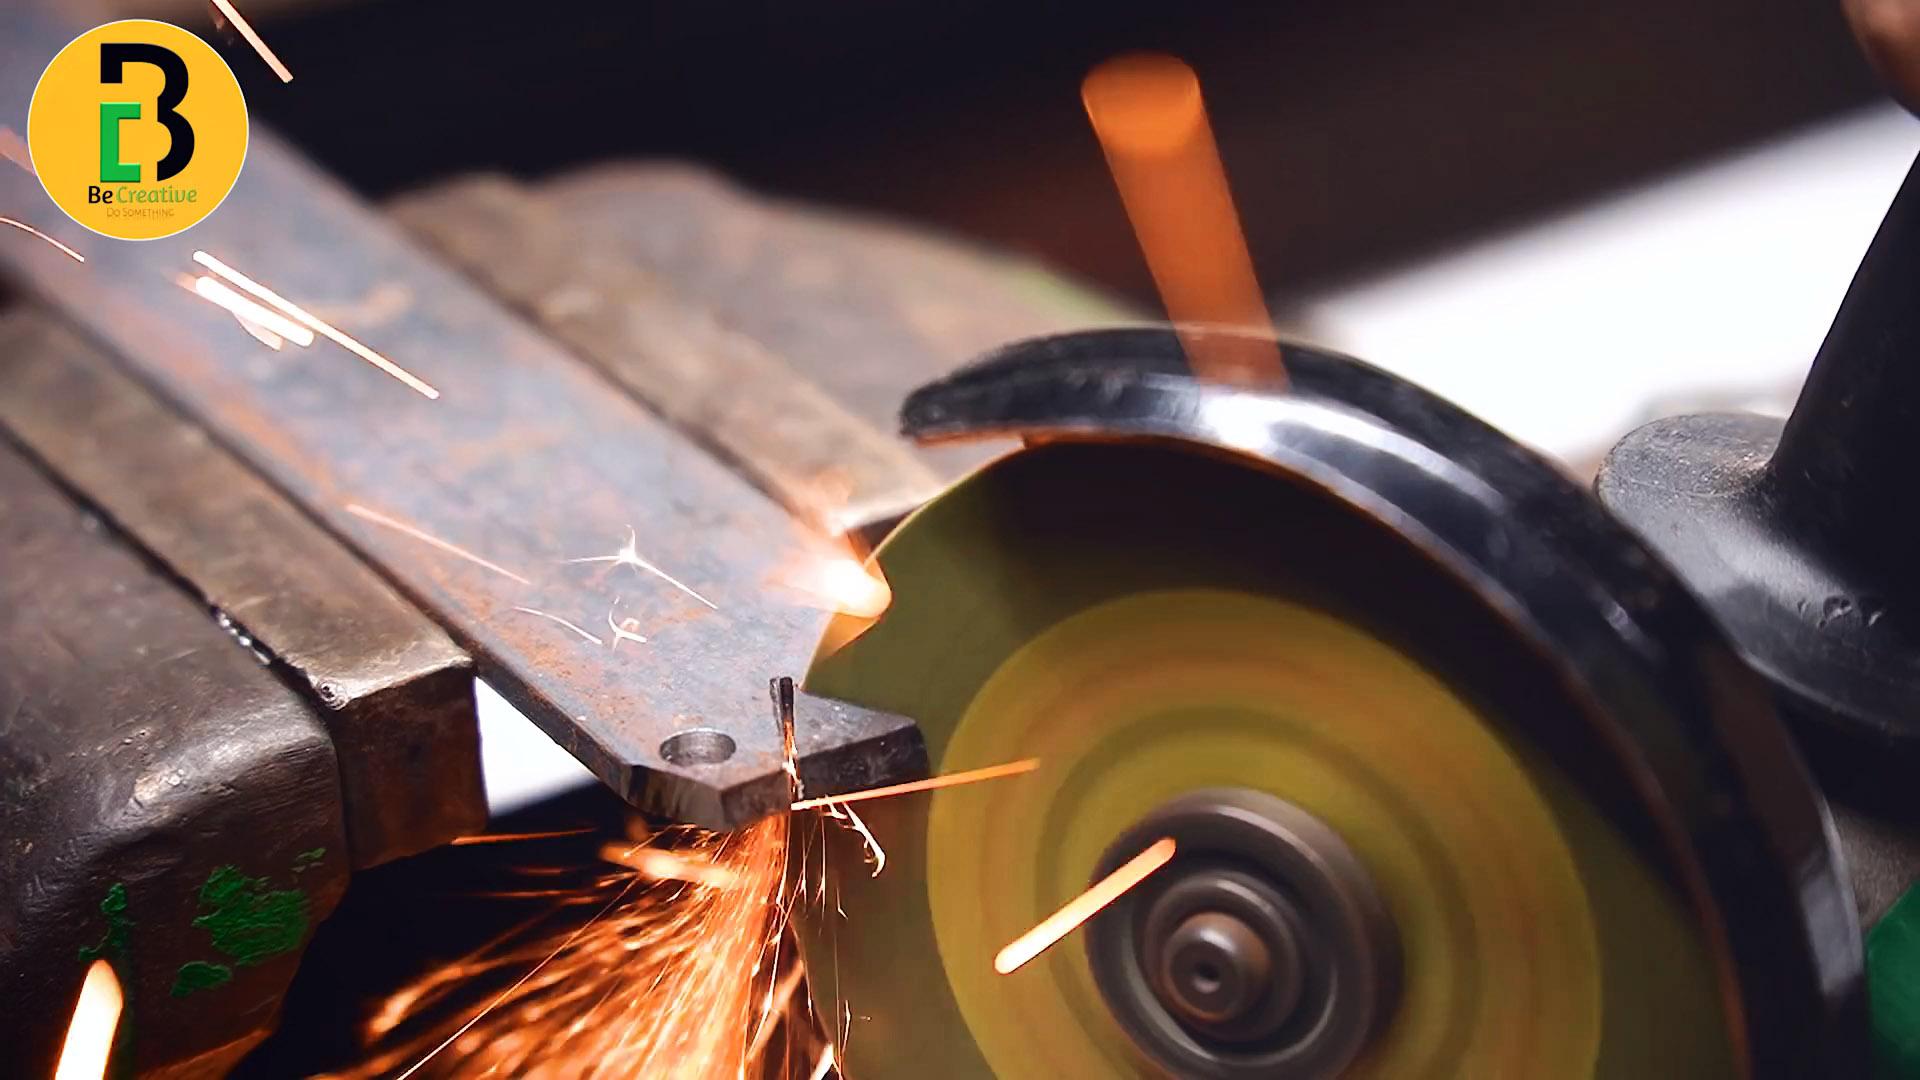 Как сделать упор корончатого сверла для ровного сверления отверстий в стекле или керамике